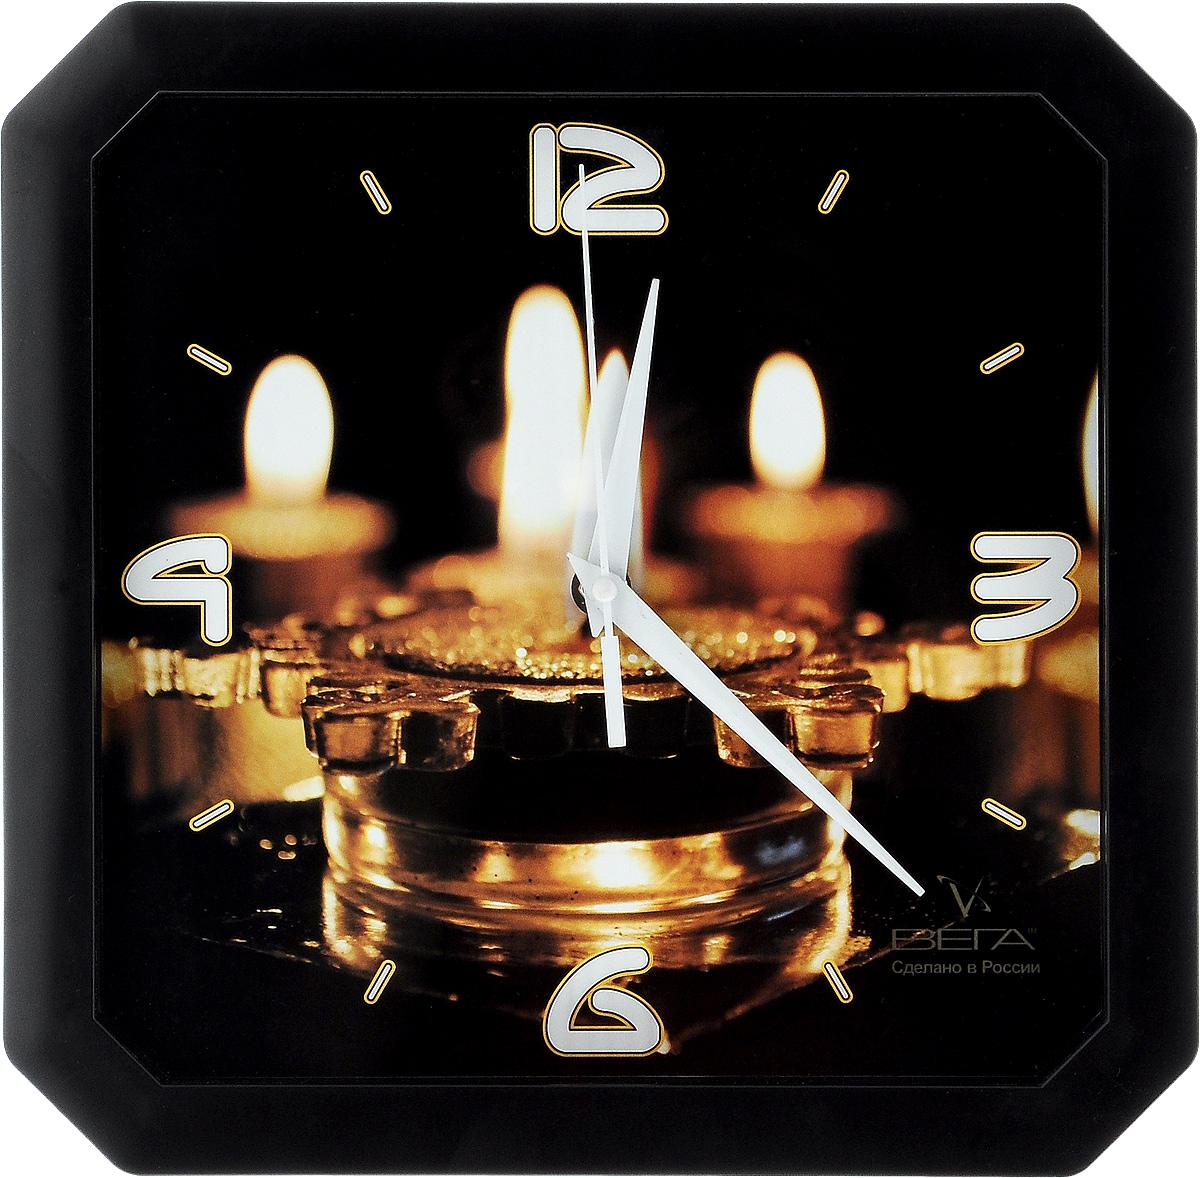 Часы настенные Вега Свечи, 28 х 28 смП2-7/7-3Настенные кварцевые часы Вега Свечи, изготовленные из пластика, прекрасно впишутся в интерьер вашего дома. Часы имеют три стрелки: часовую, минутную и секундную, циферблат защищен прозрачным стеклом. Часы работают от 1 батарейки типа АА напряжением 1,5 В (не входит в комплект).Прилагается инструкция по эксплуатации.